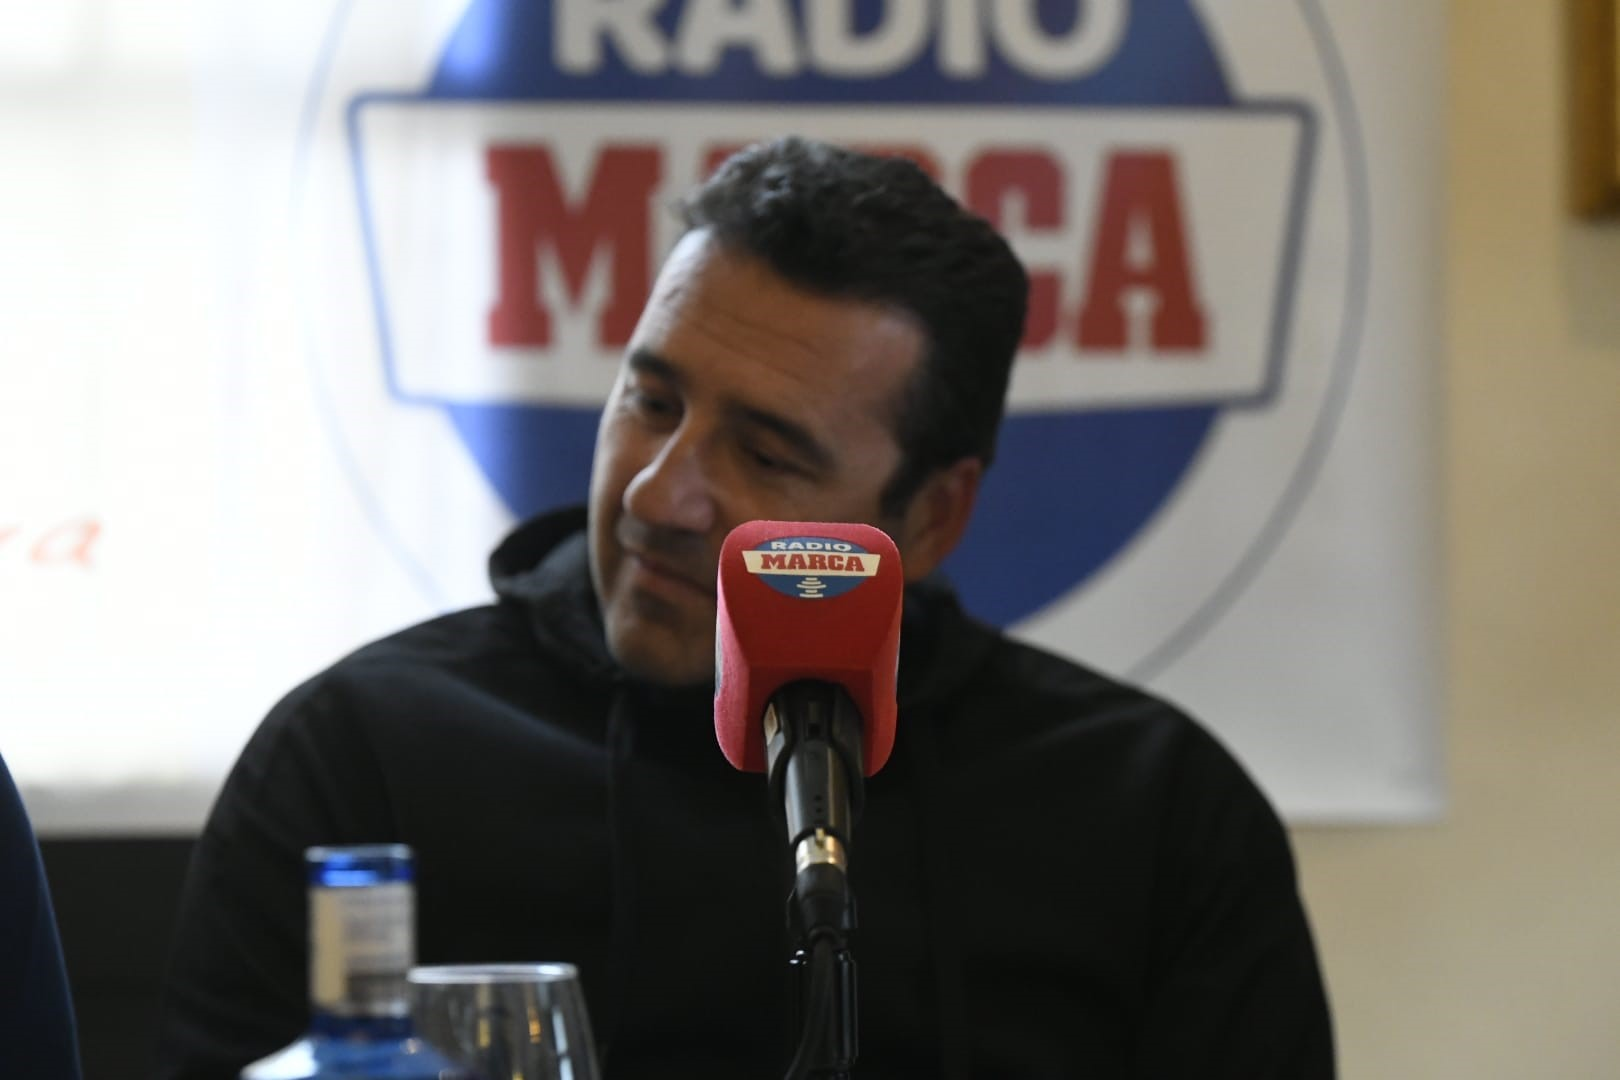 Hoy entrevistamos a Ramón Balboa ¨creo enormemente en la formación de los técnicos y los gestores deportivos¨